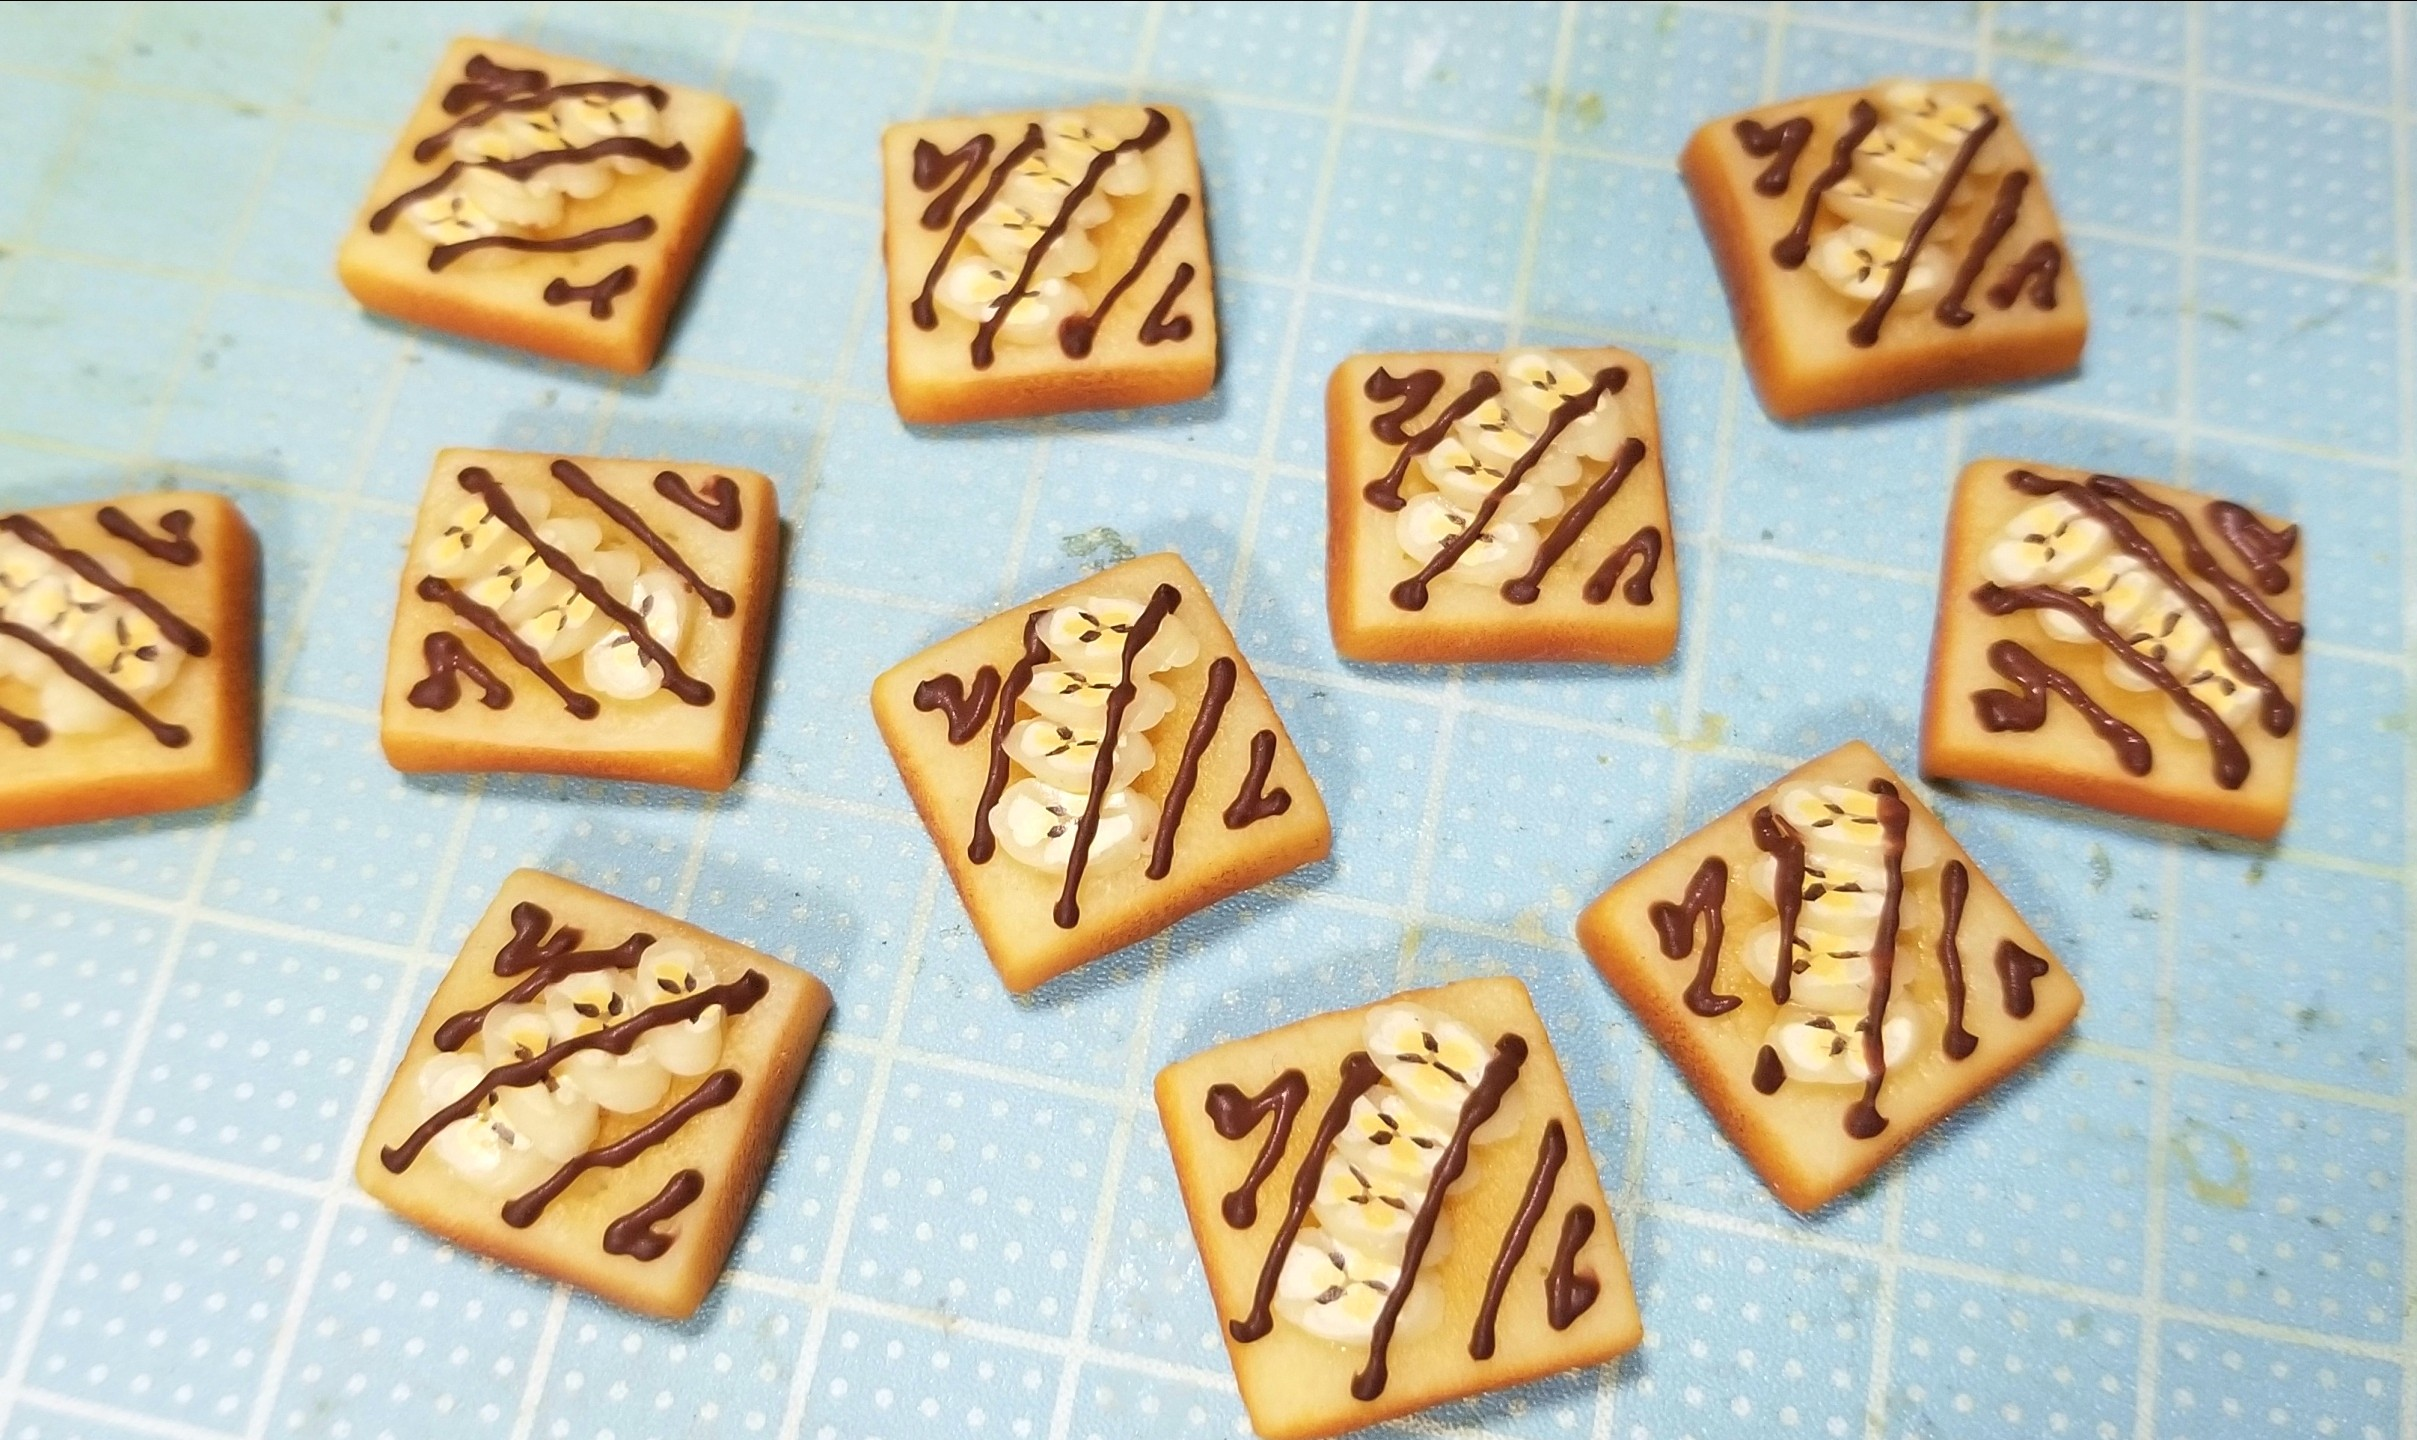 ミニチュアフード,チョコバナナトースト,食パン,作り方,食品